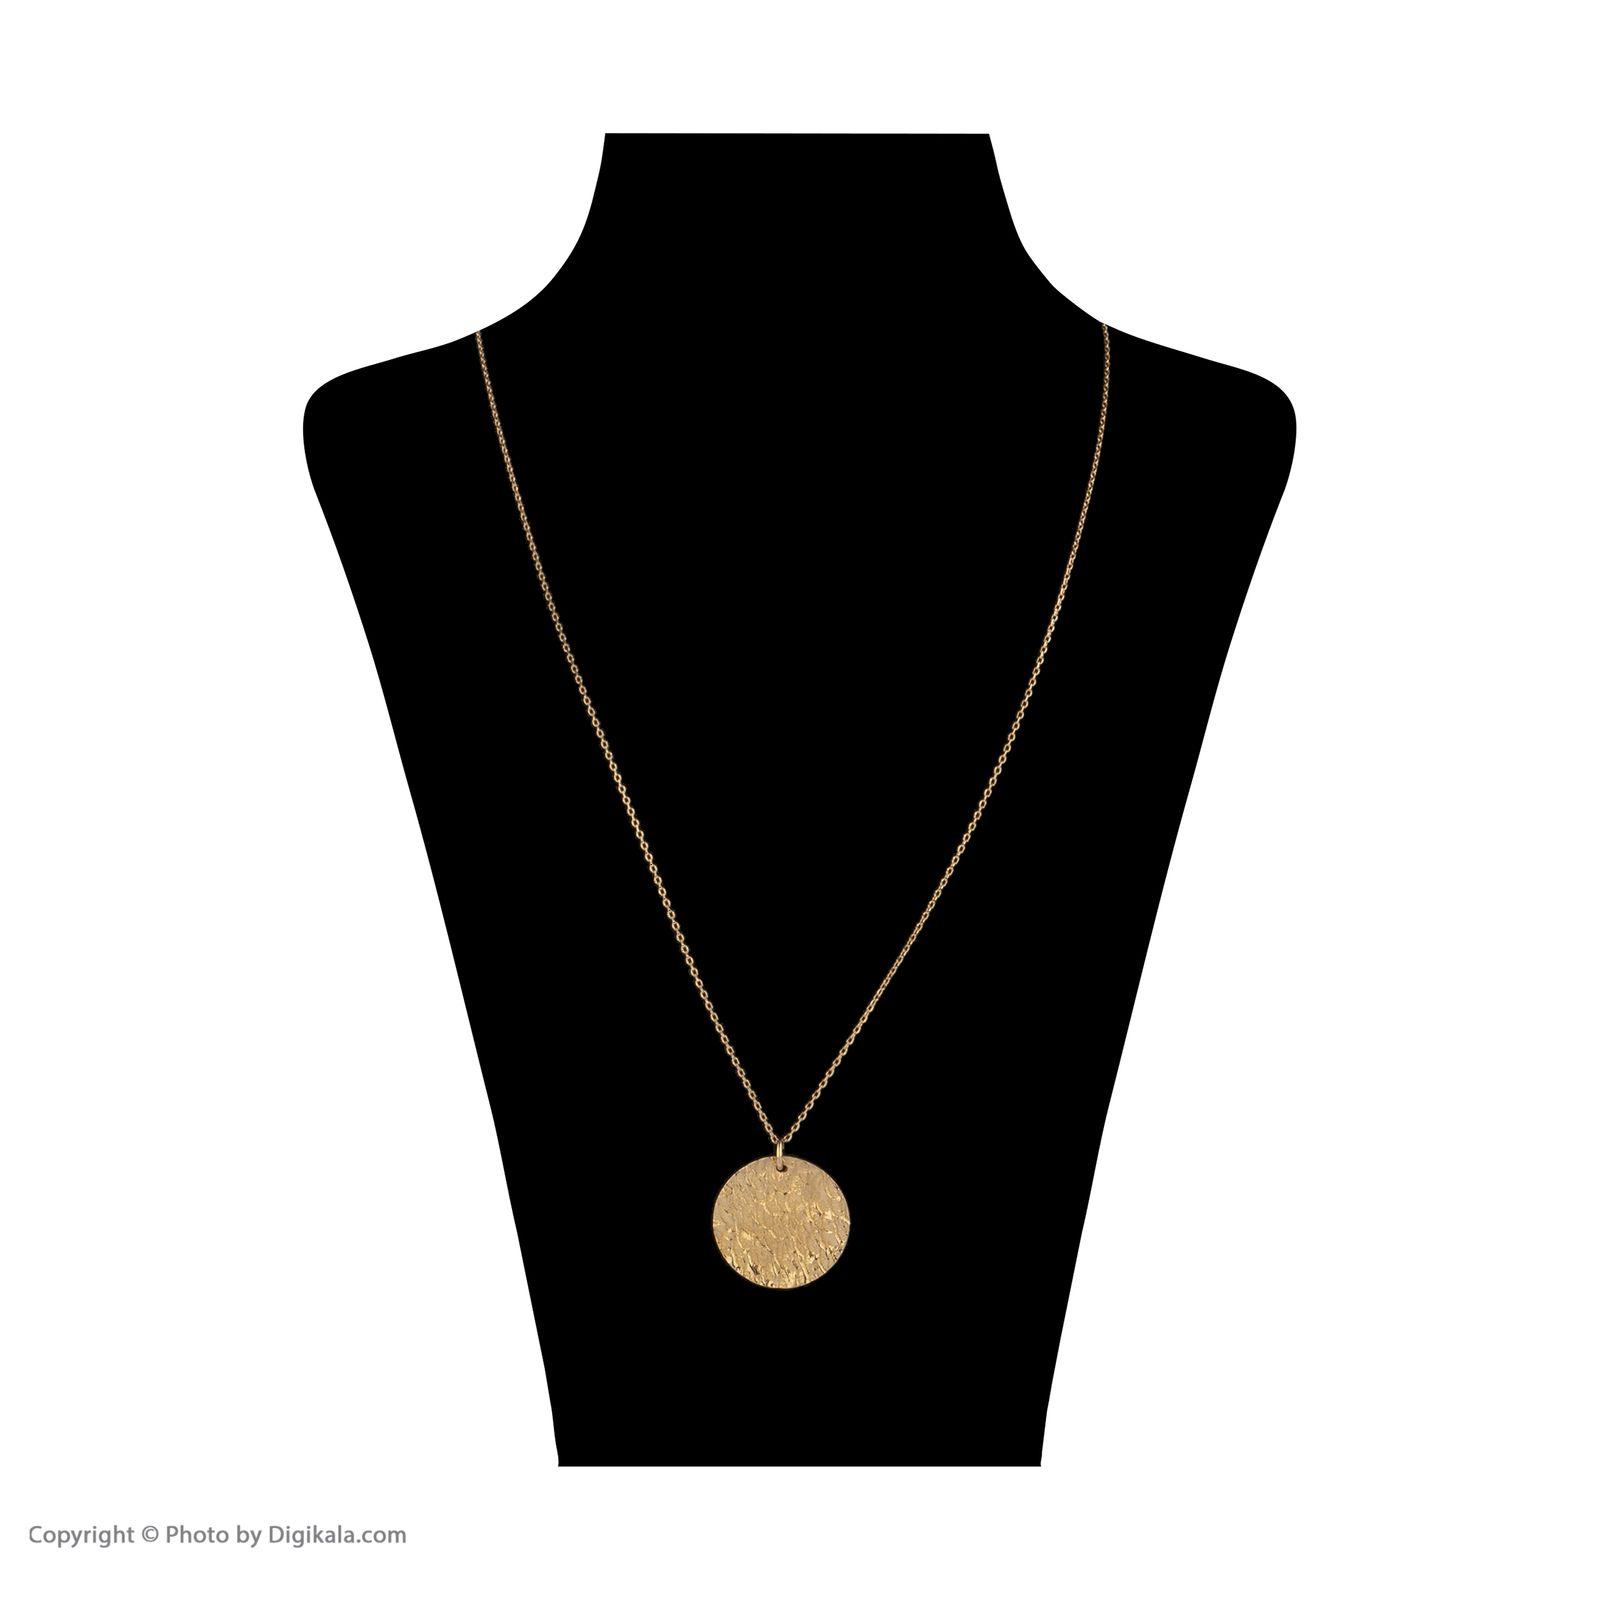 گردنبند طلا 18 عیار زنانه سنجاق مدل X077525 -  - 2